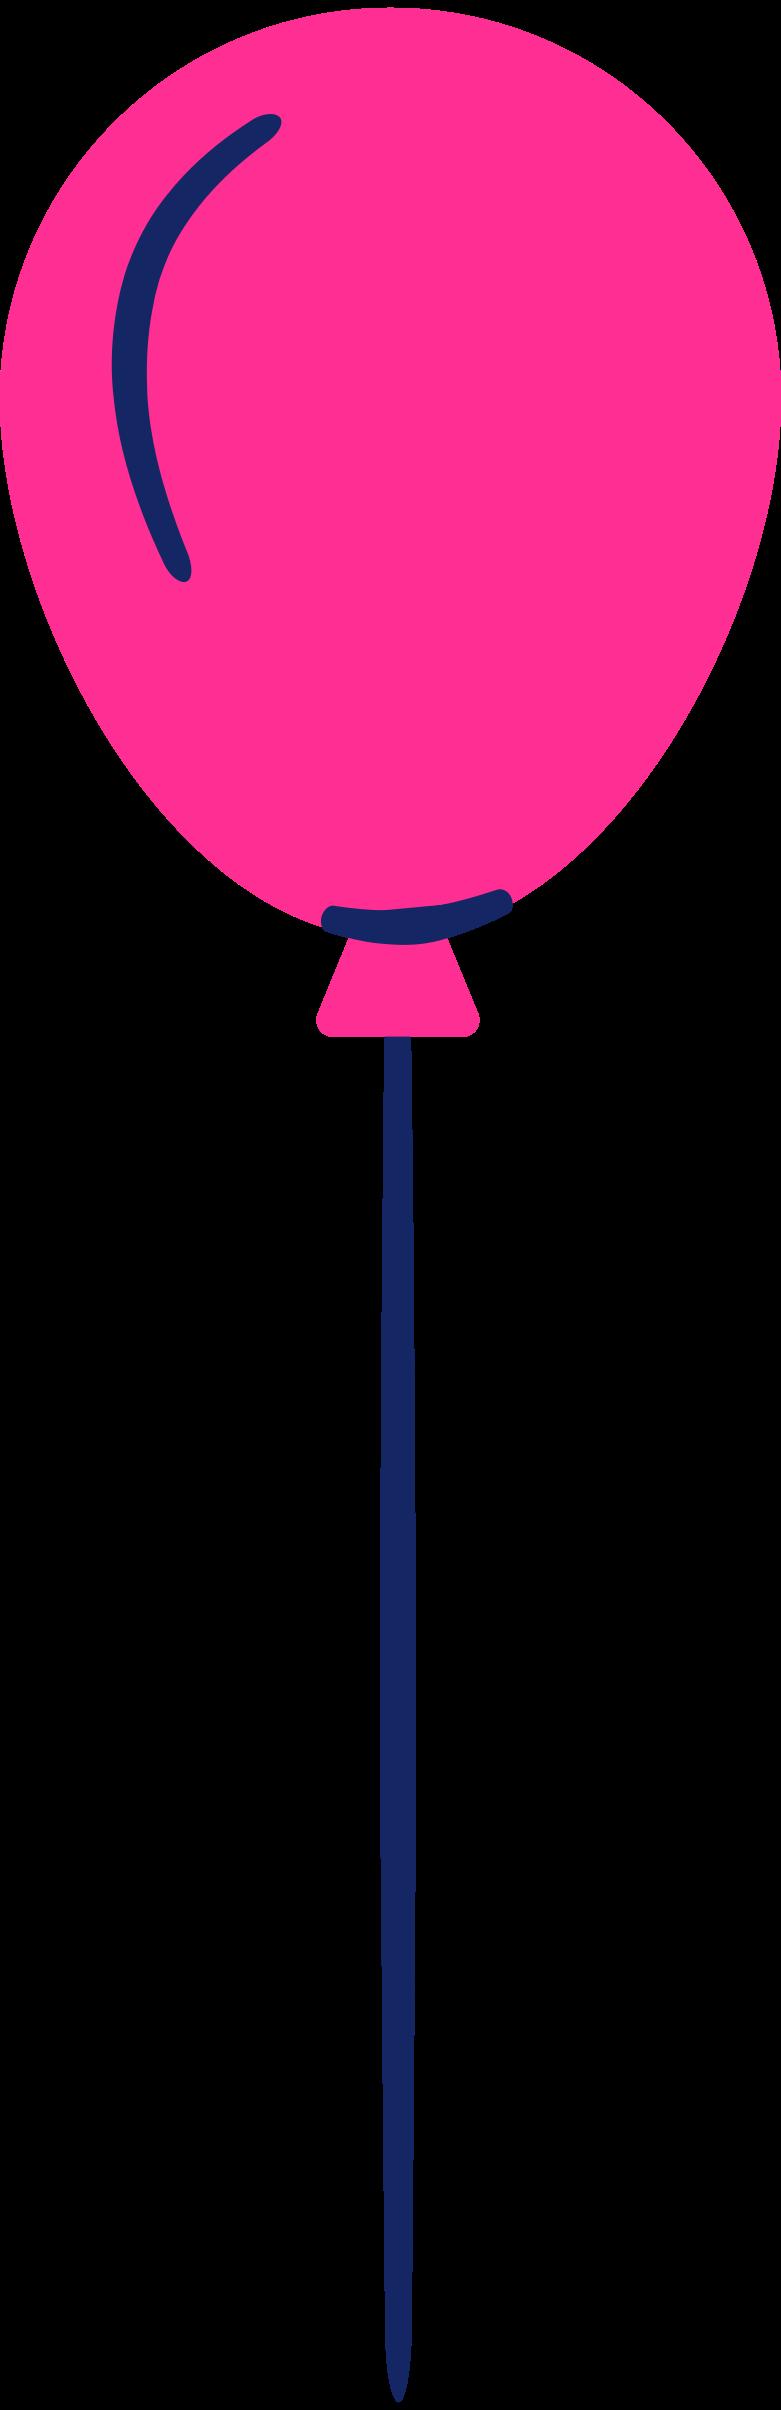 Balão Clipart illustration in PNG, SVG